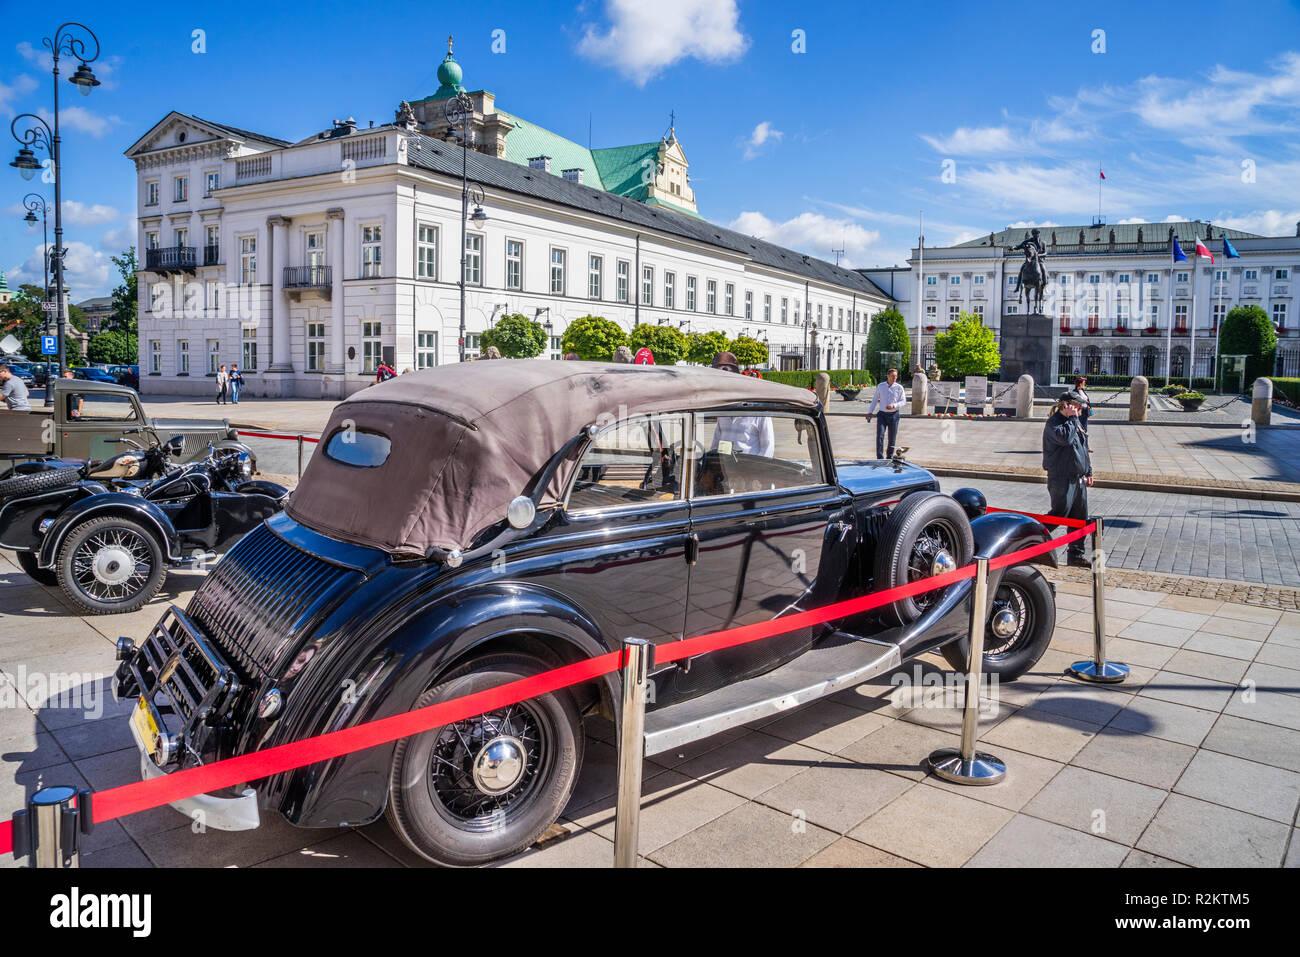 Calles de Varsovia '44 exposición histórica del período duing parafernalia de la Insurrección de Varsovia, los vehículos históricos en el Palacio Potocki enfrente del P Imagen De Stock